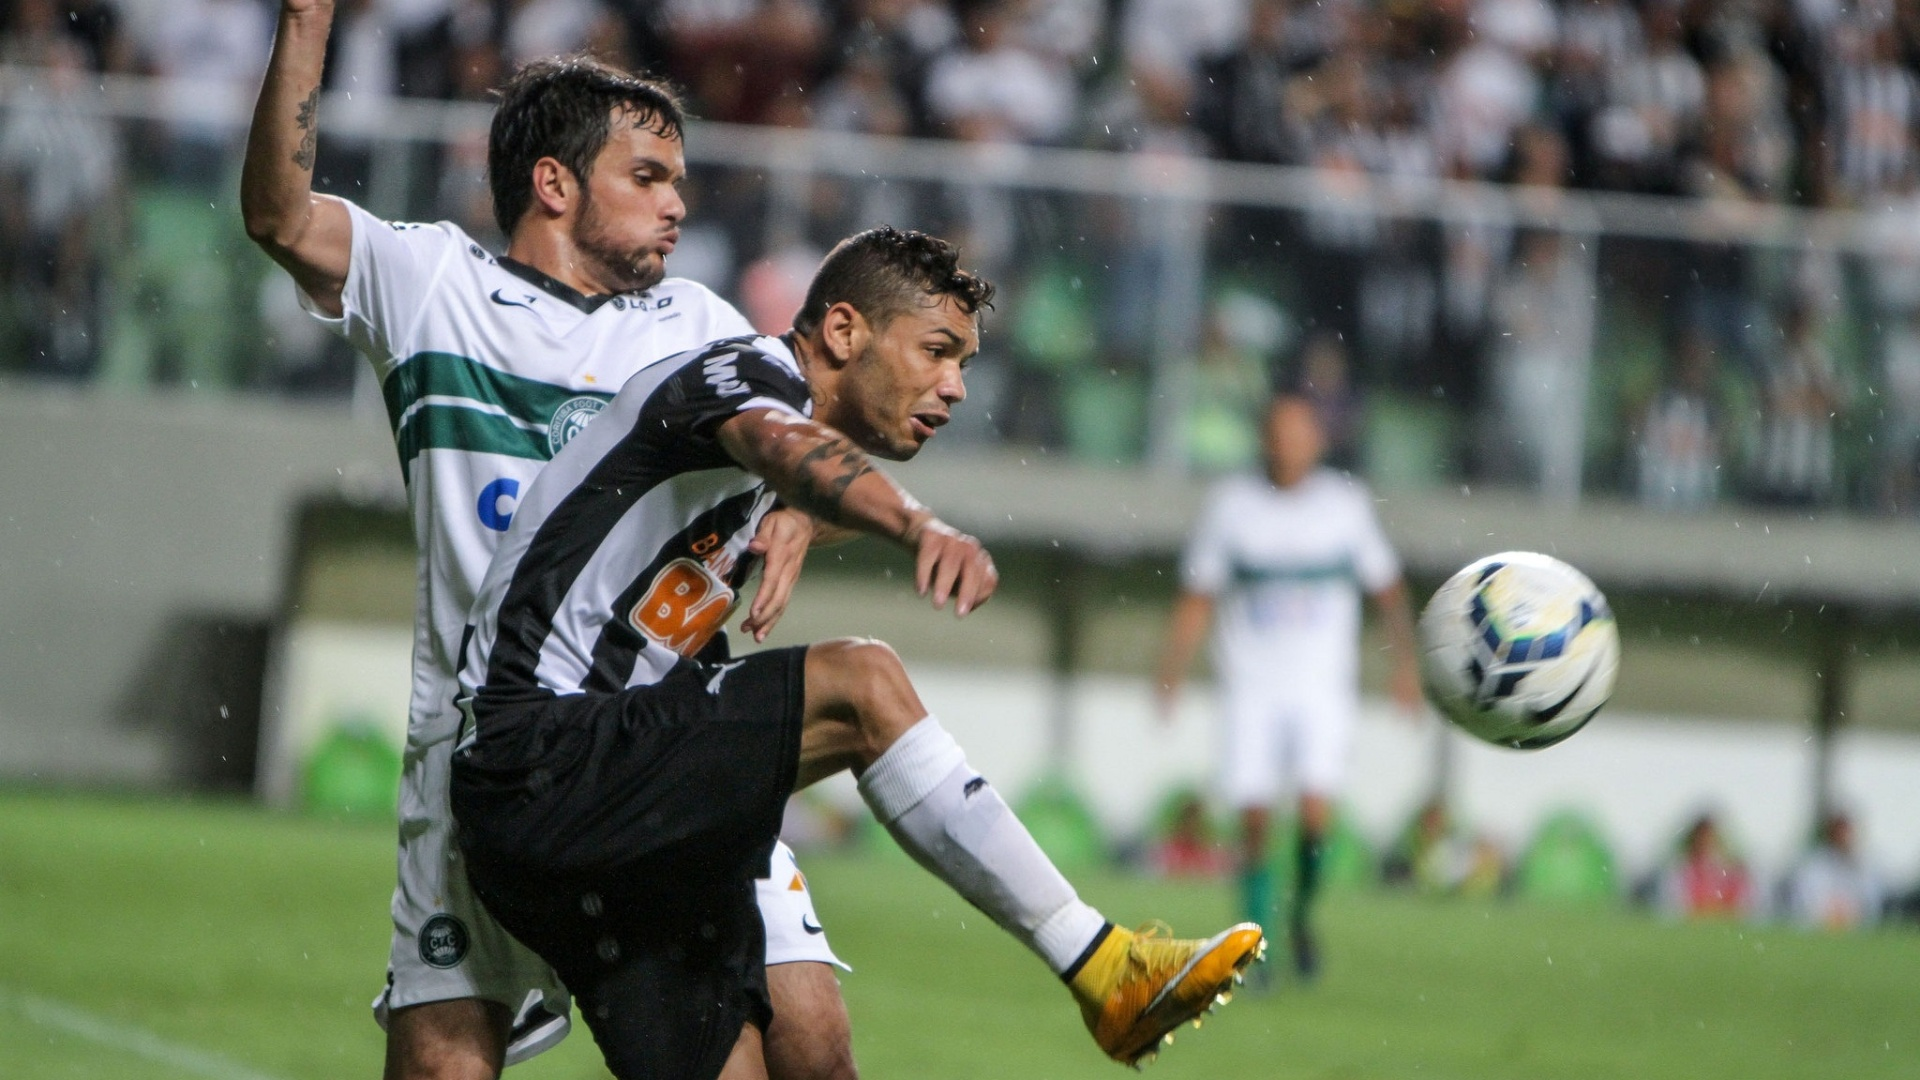 Jogando no Estádio Independência, Coritiba venceu o Atlético-MG por 2 a 1 e garantiu presença na Série A